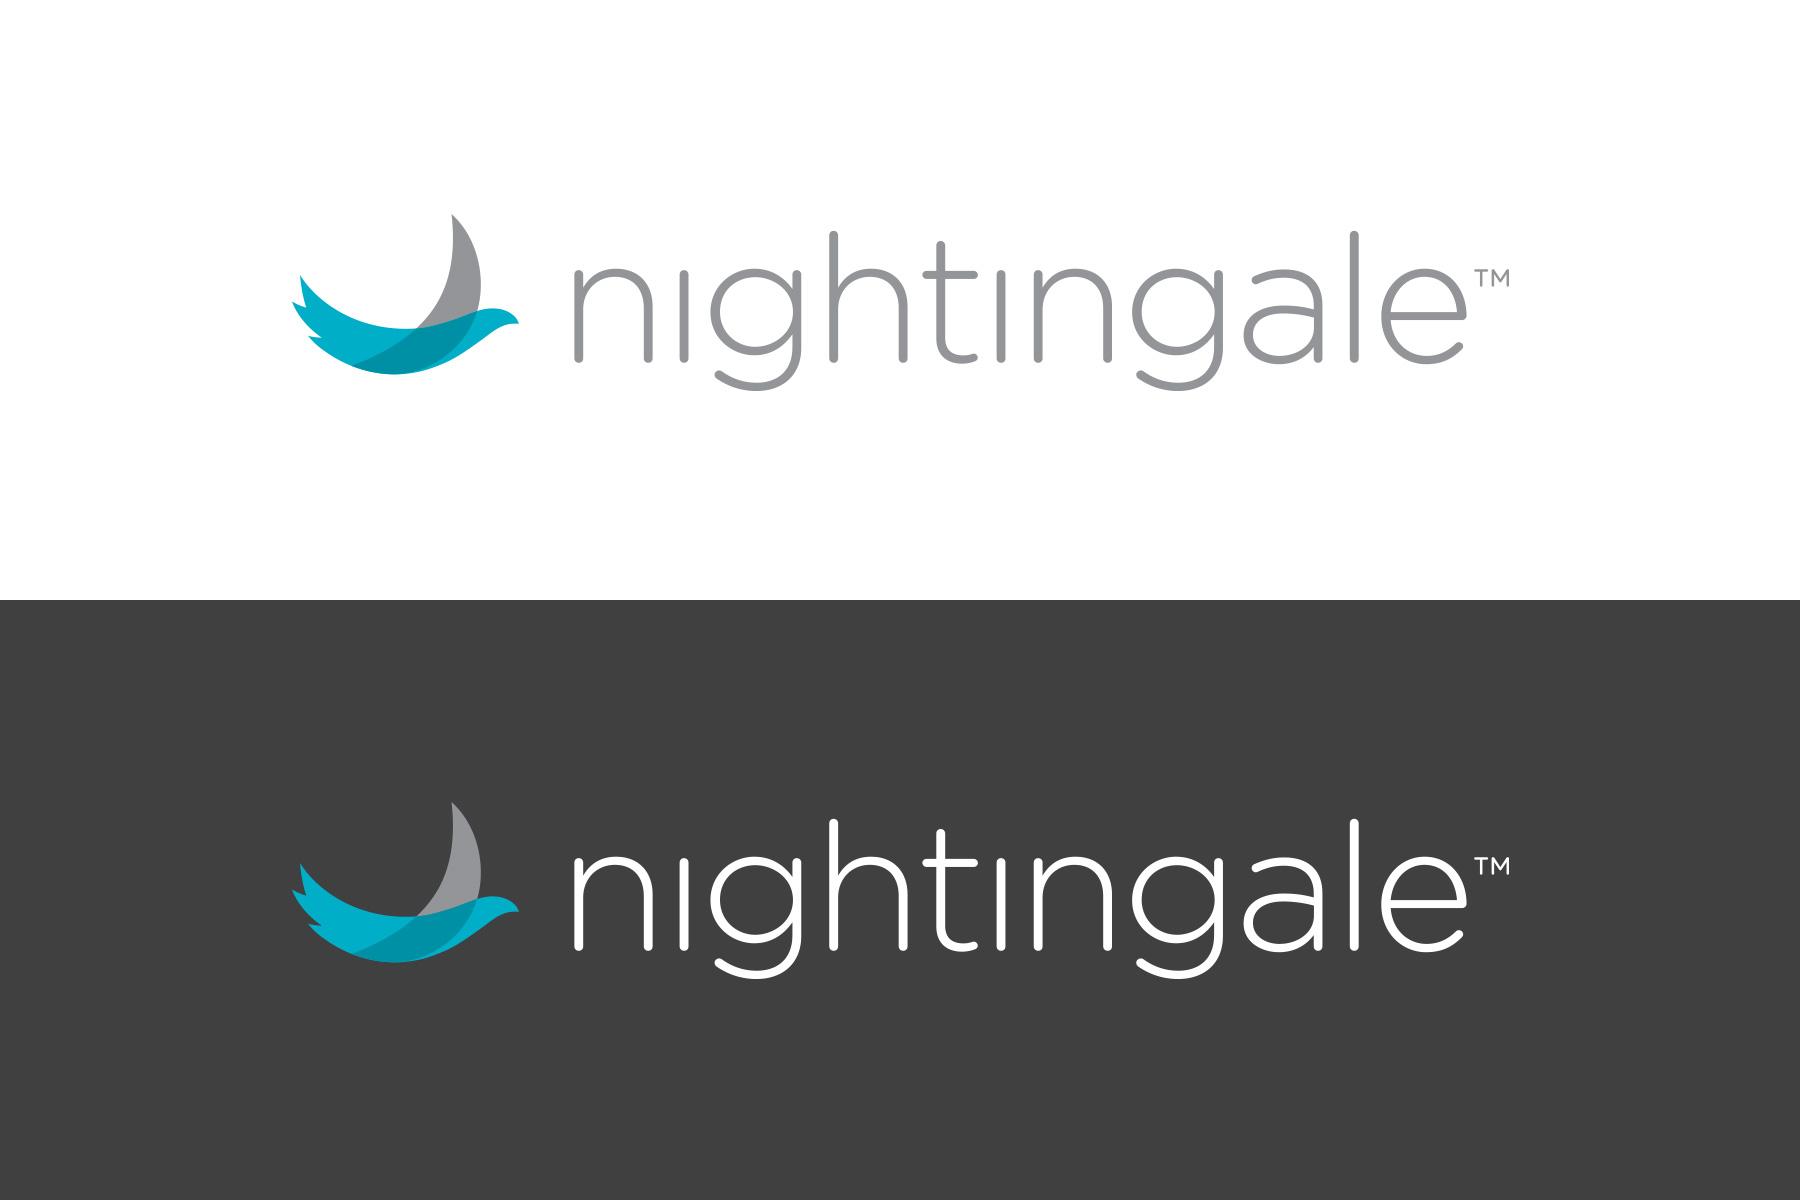 Nightingale Logos